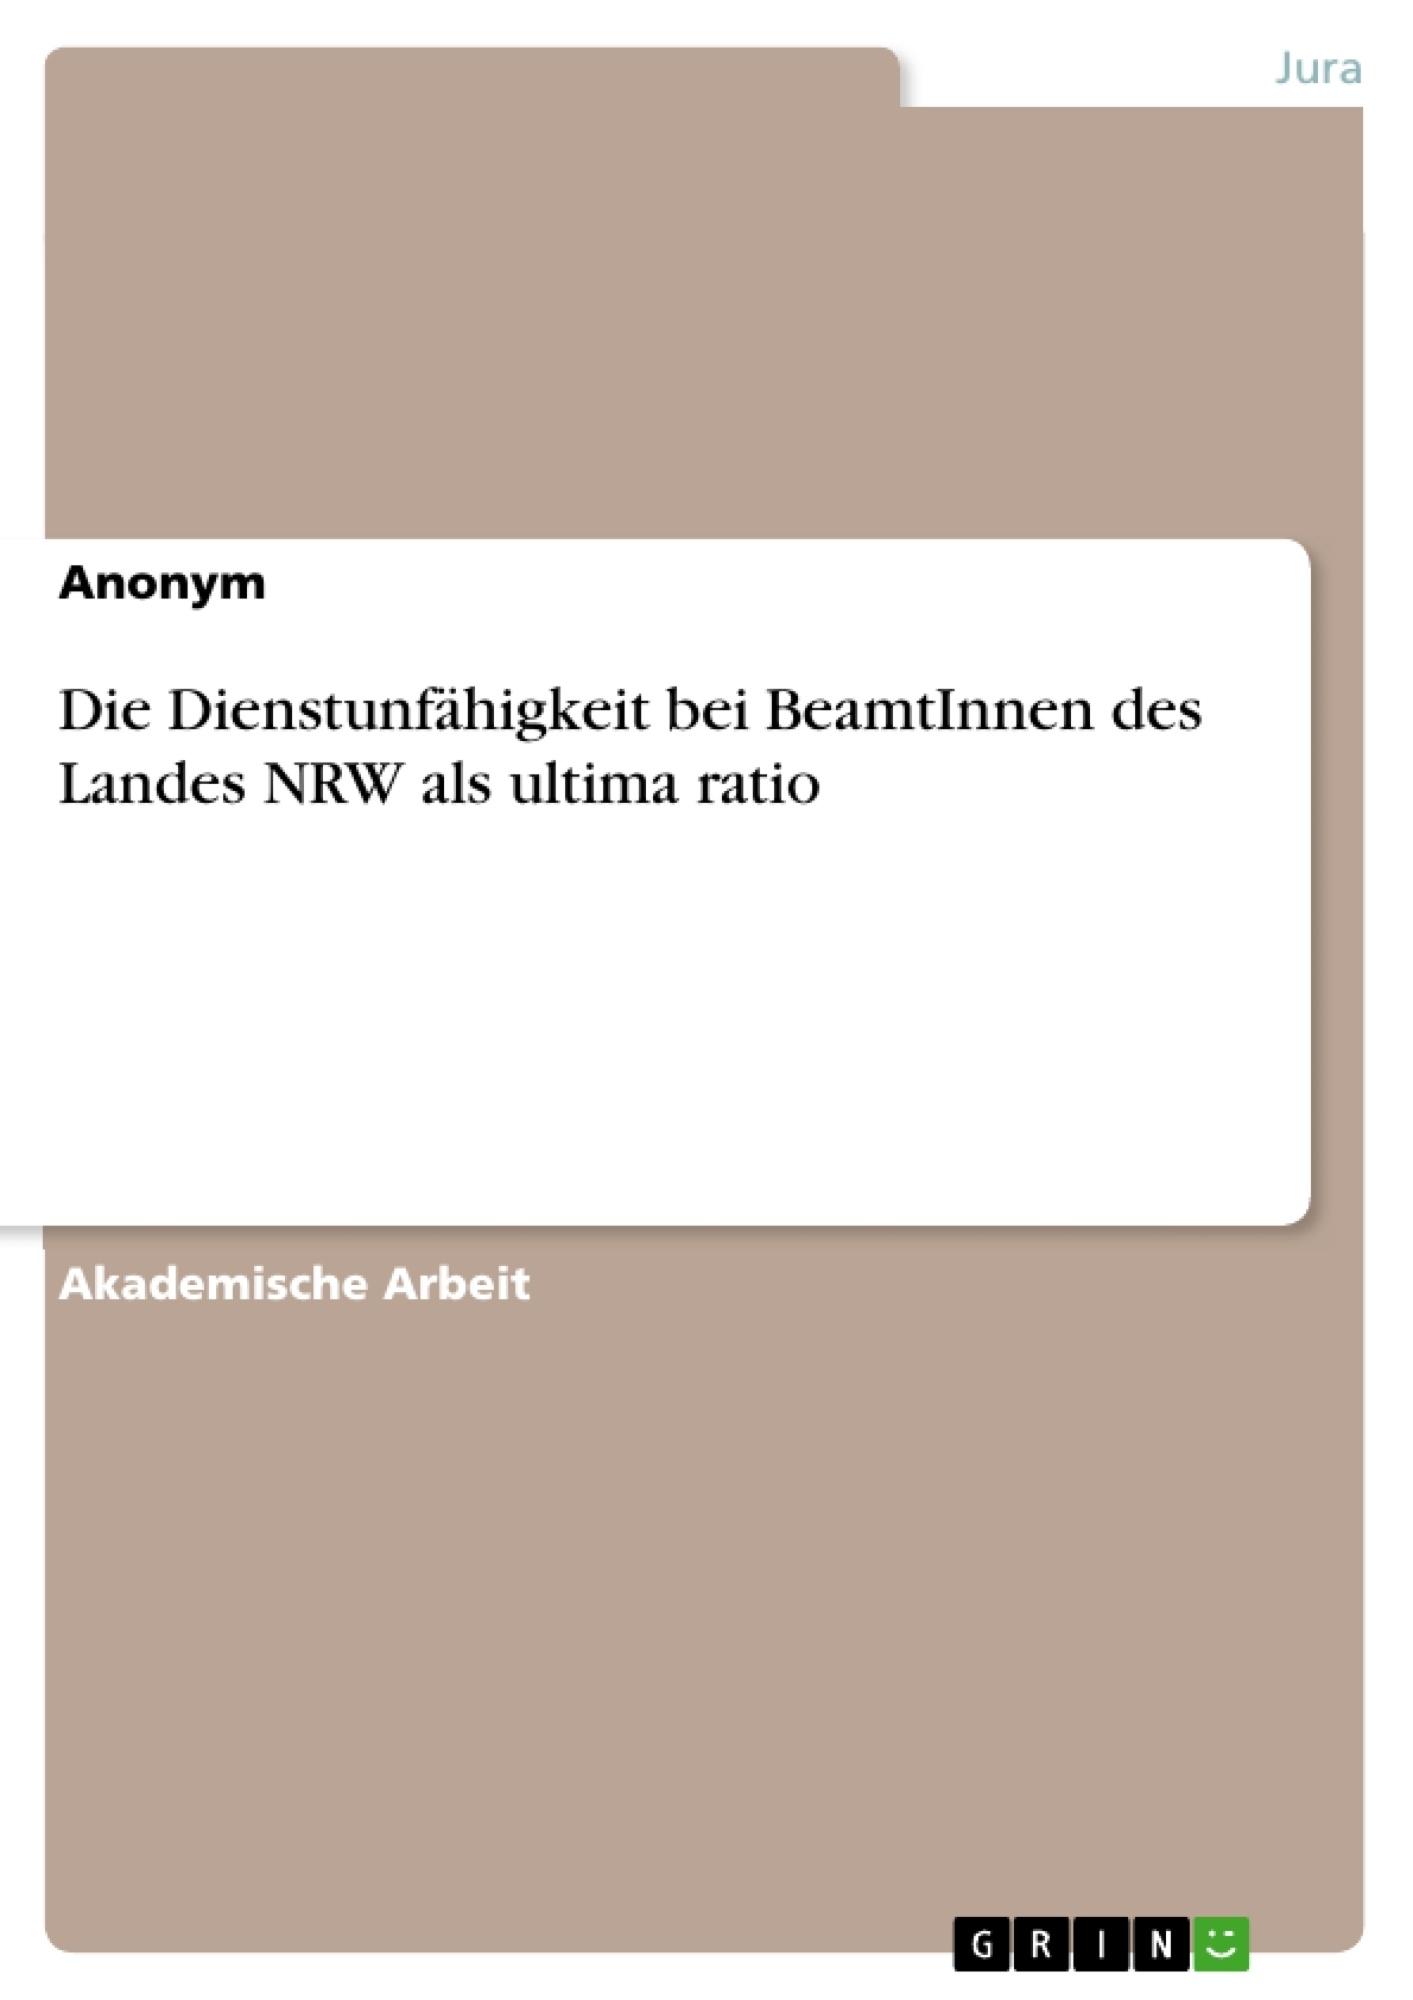 Titel: Die Dienstunfähigkeit bei BeamtInnen des Landes NRW als ultima ratio